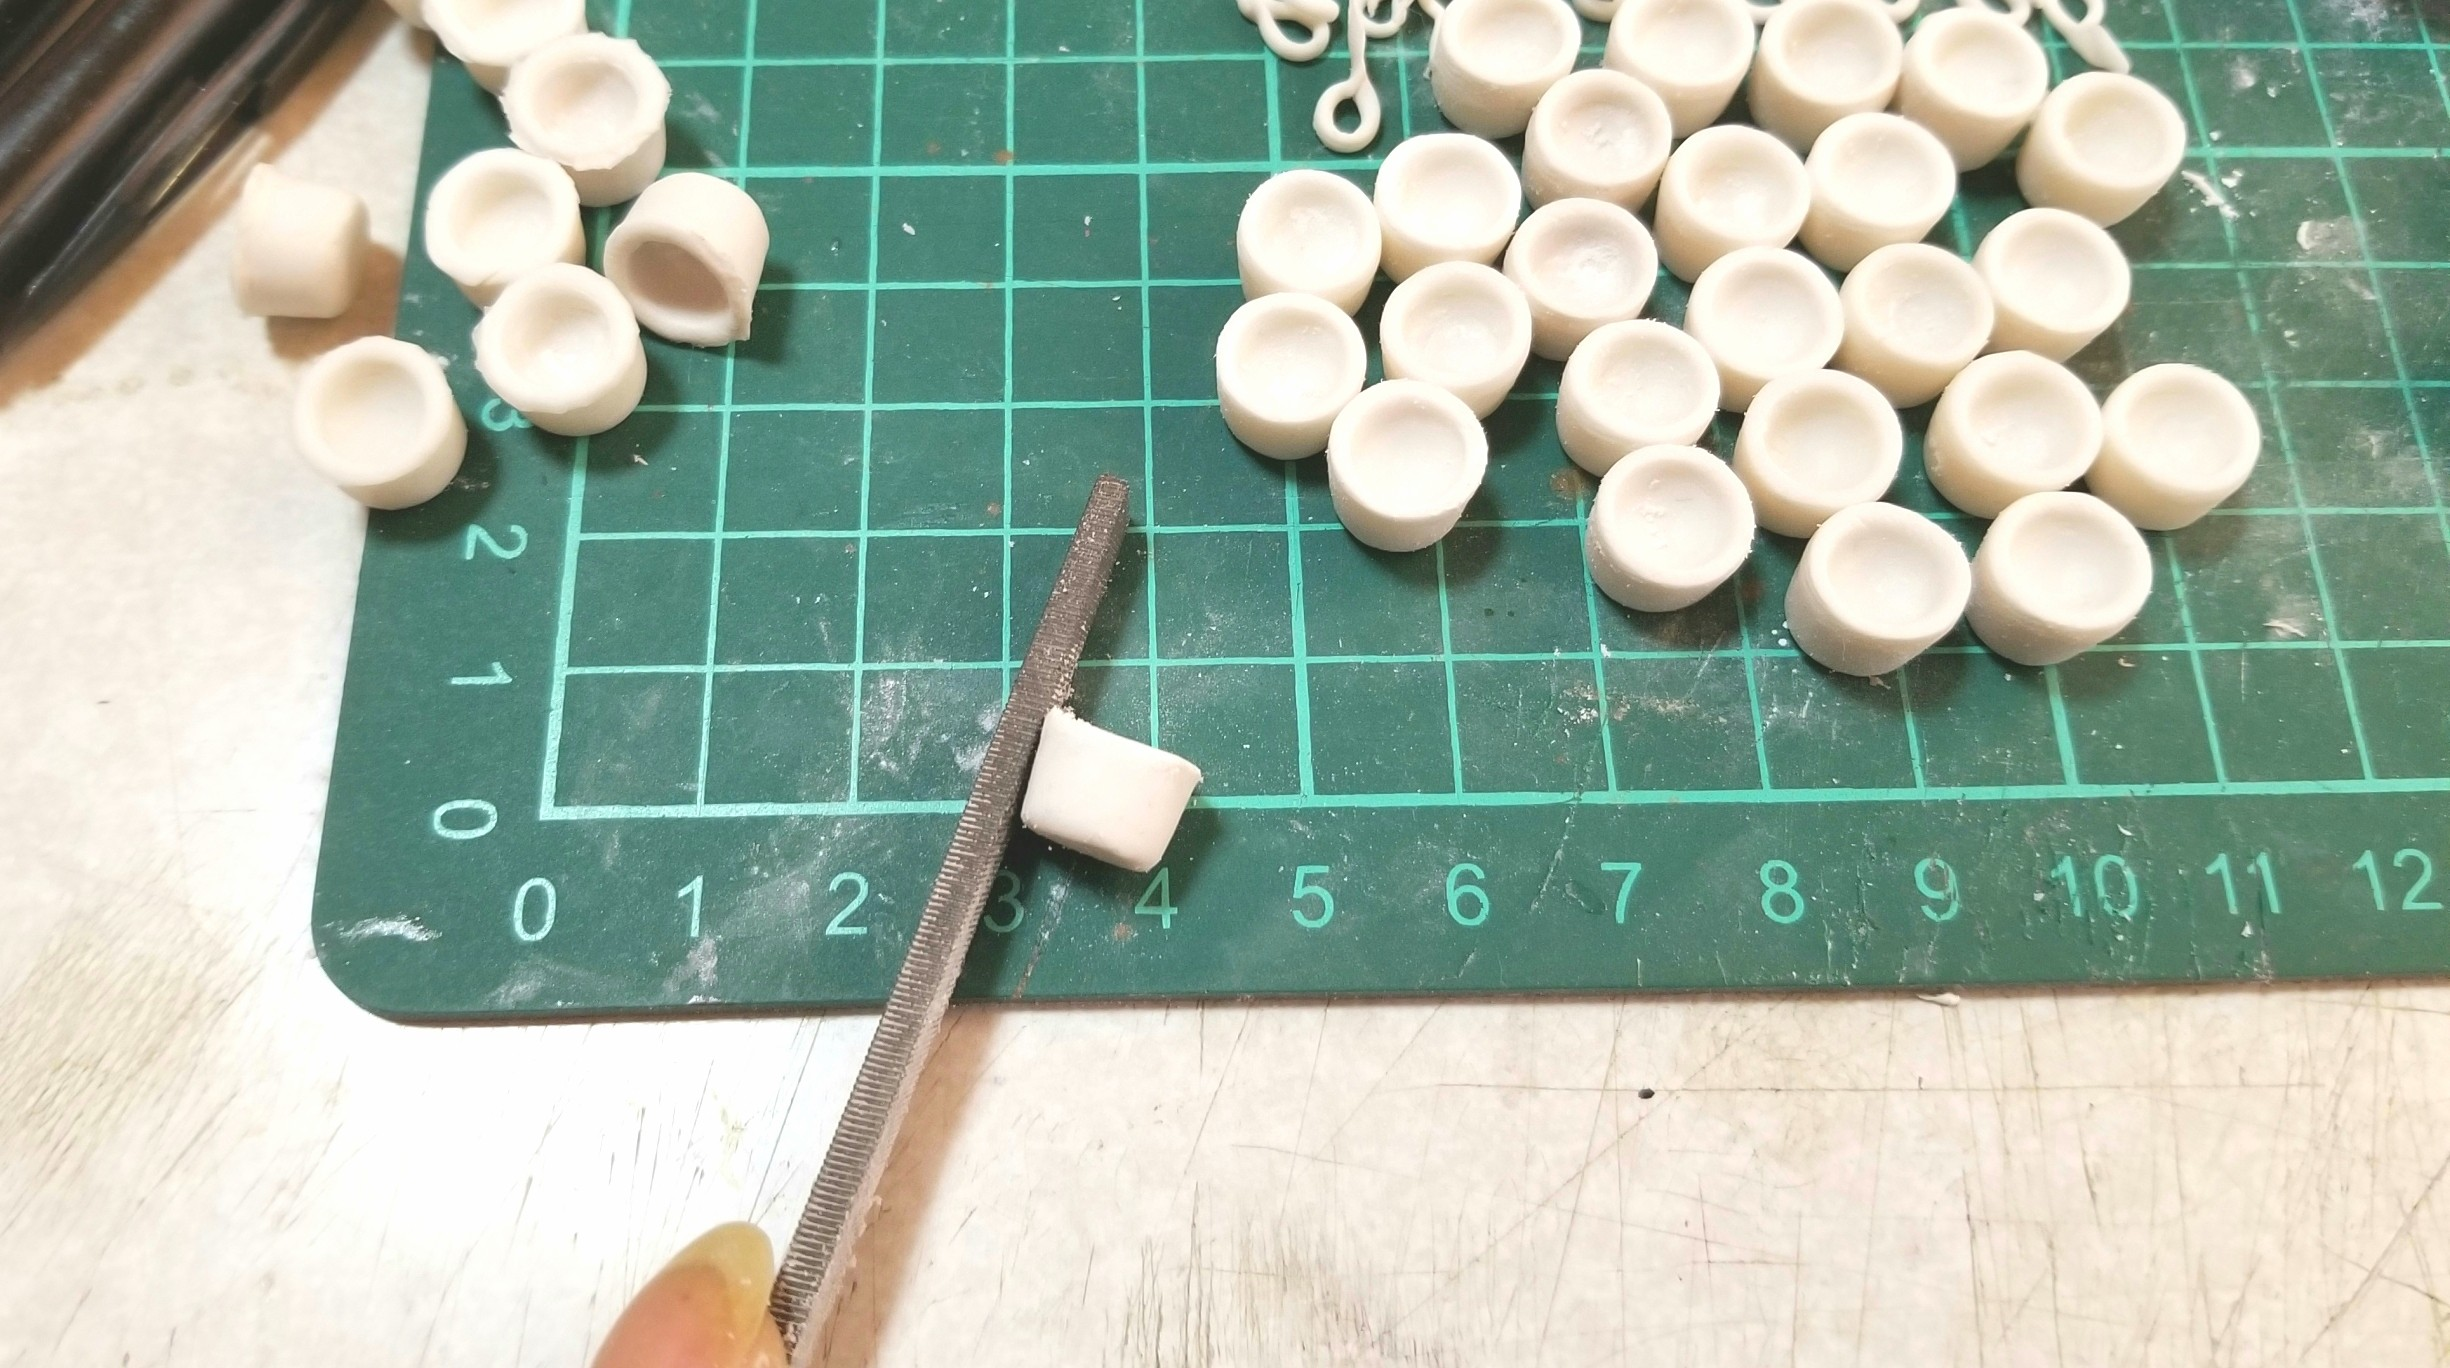 ラブティーカップ,作り方,ミニチュアフード,樹脂粘土,ドールハウス